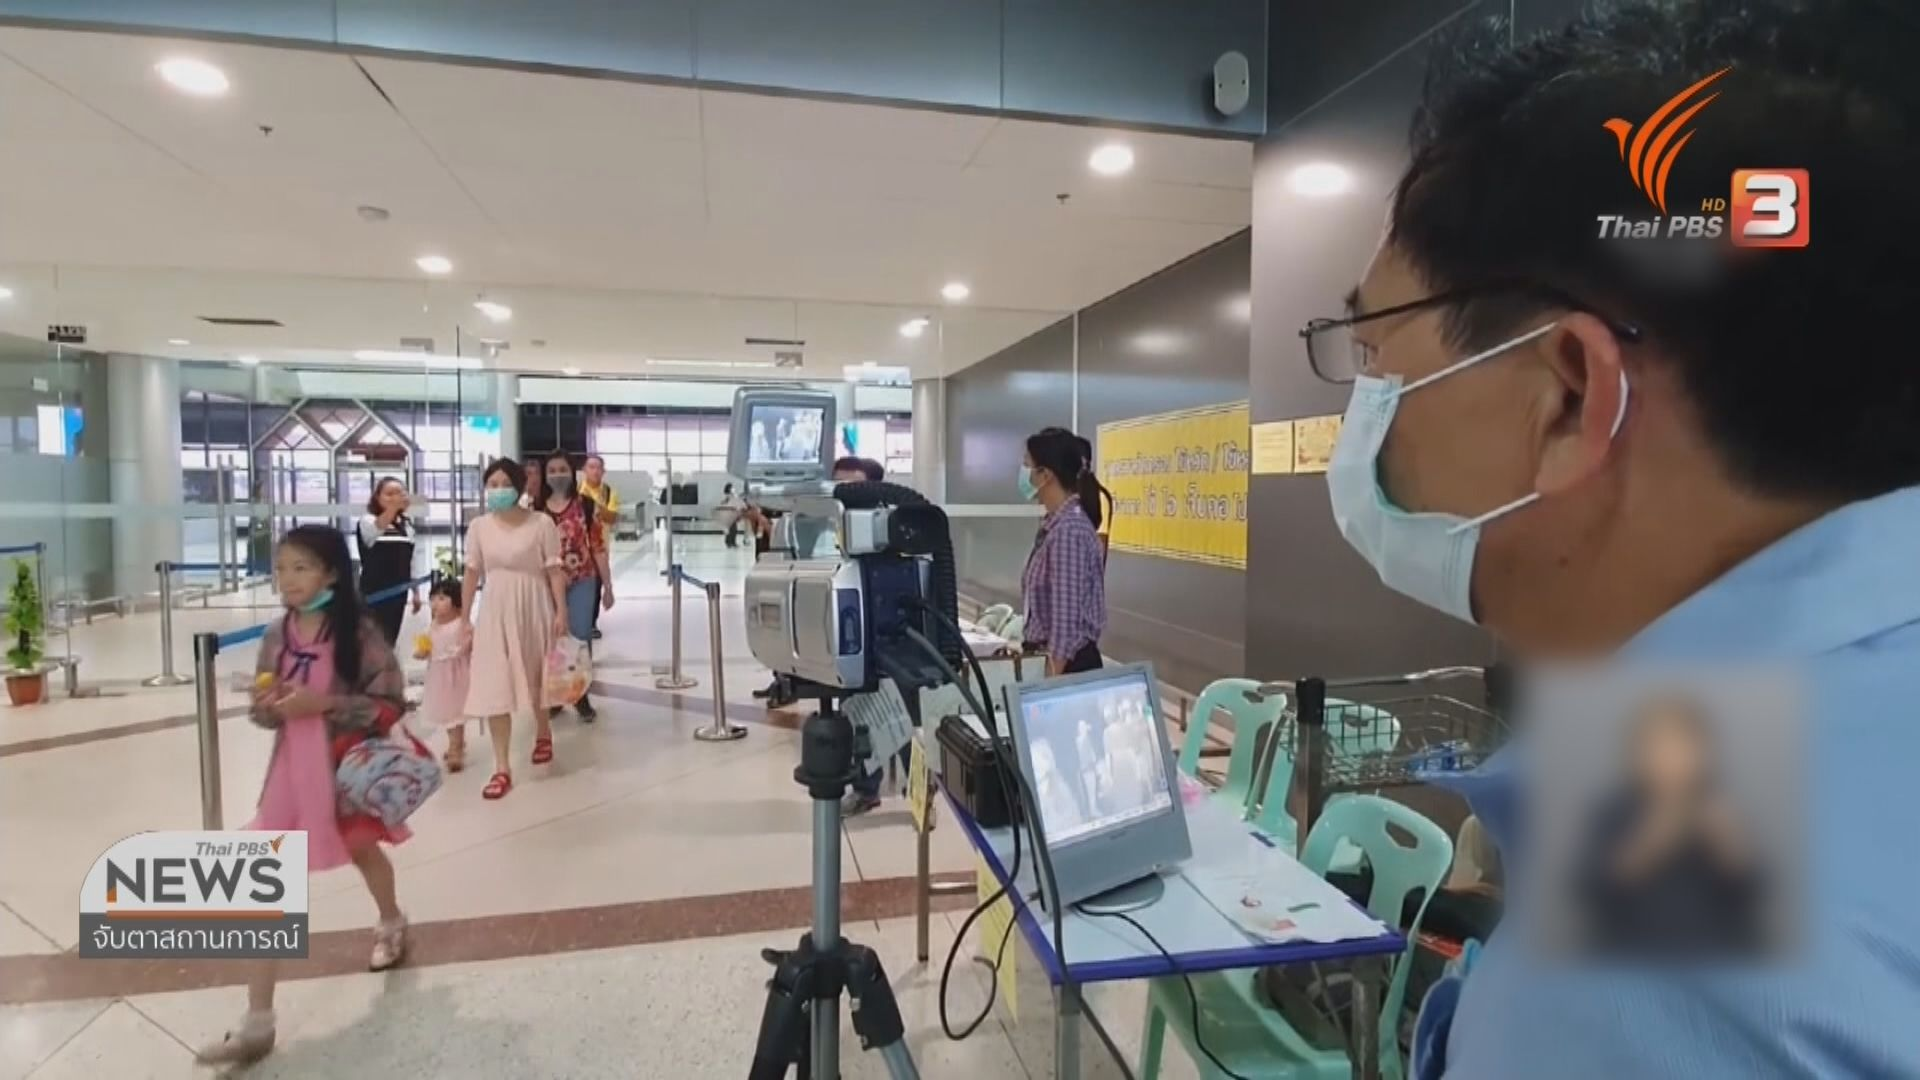 泰國入境限制措施訊息混亂 官員說法自相矛盾